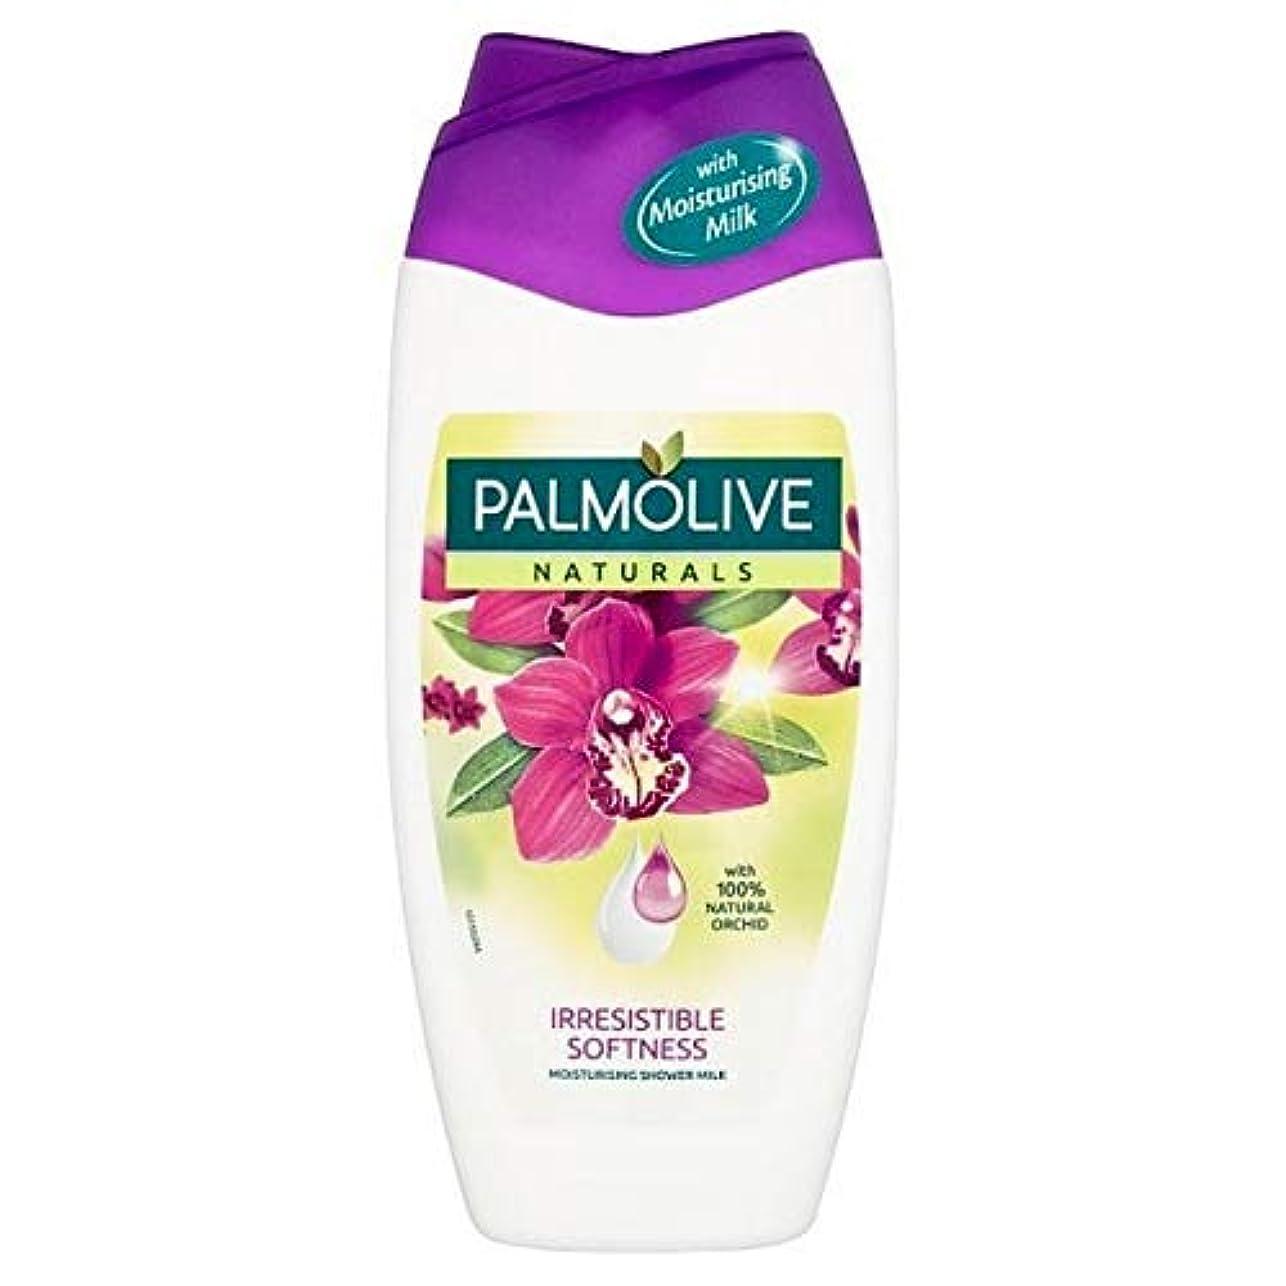 呼吸するレシピ傷跡[Palmolive ] パルモライブナチュラルエキゾチックな蘭のシャワージェルクリーム250ミリリットル - Palmolive Naturals Exotic Orchid Shower Gel Cream 250ml...